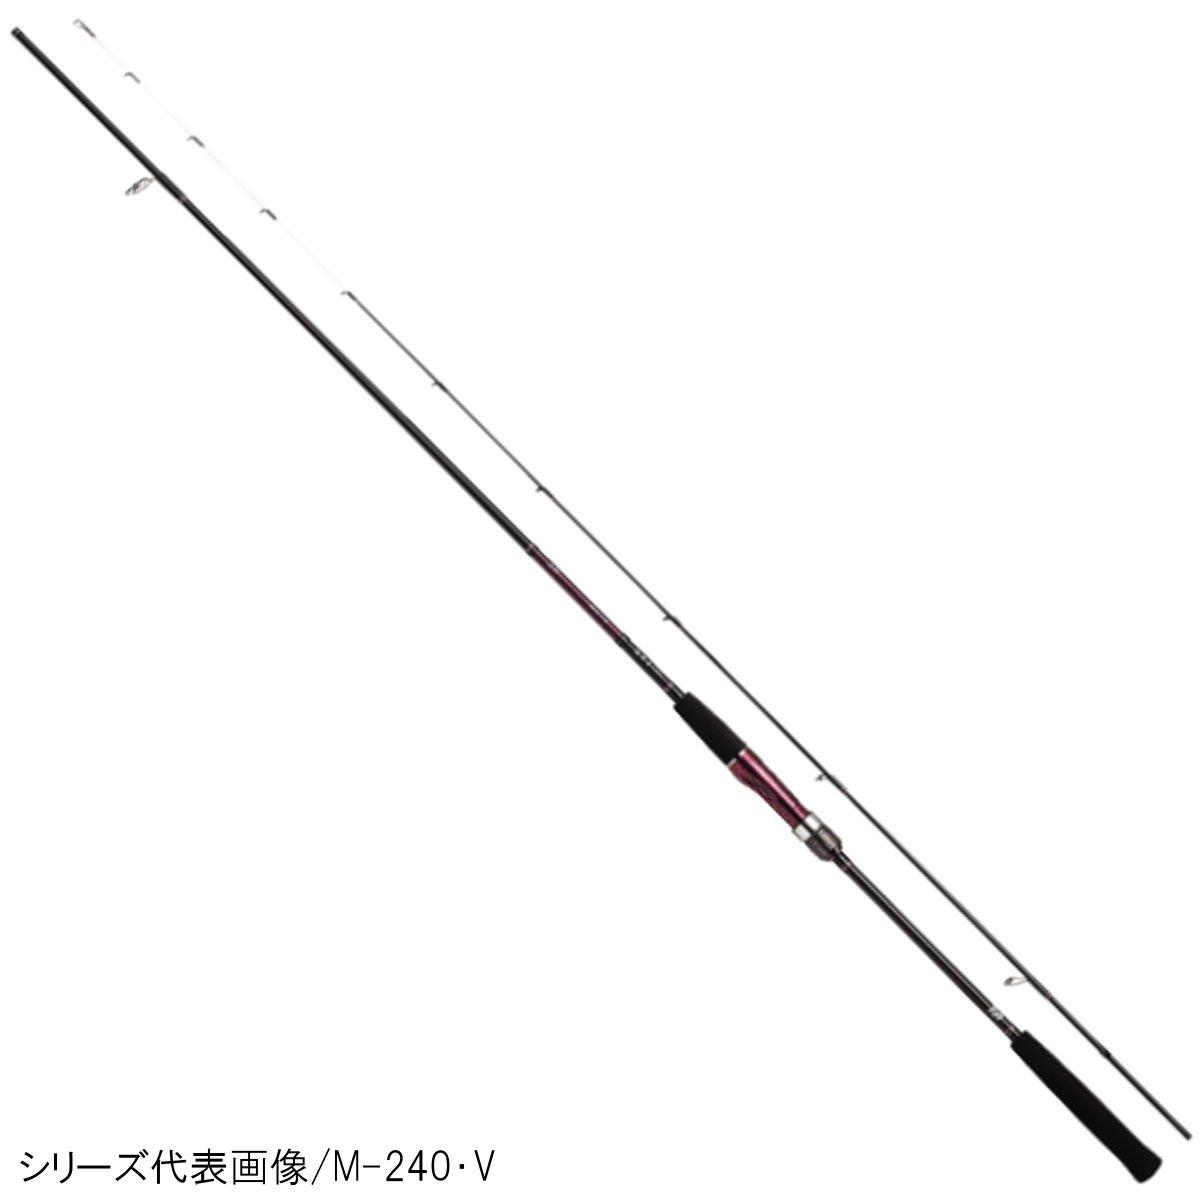 ダイワ 紅牙 テンヤゲーム スピニングモデル XH-240・V(東日本店)